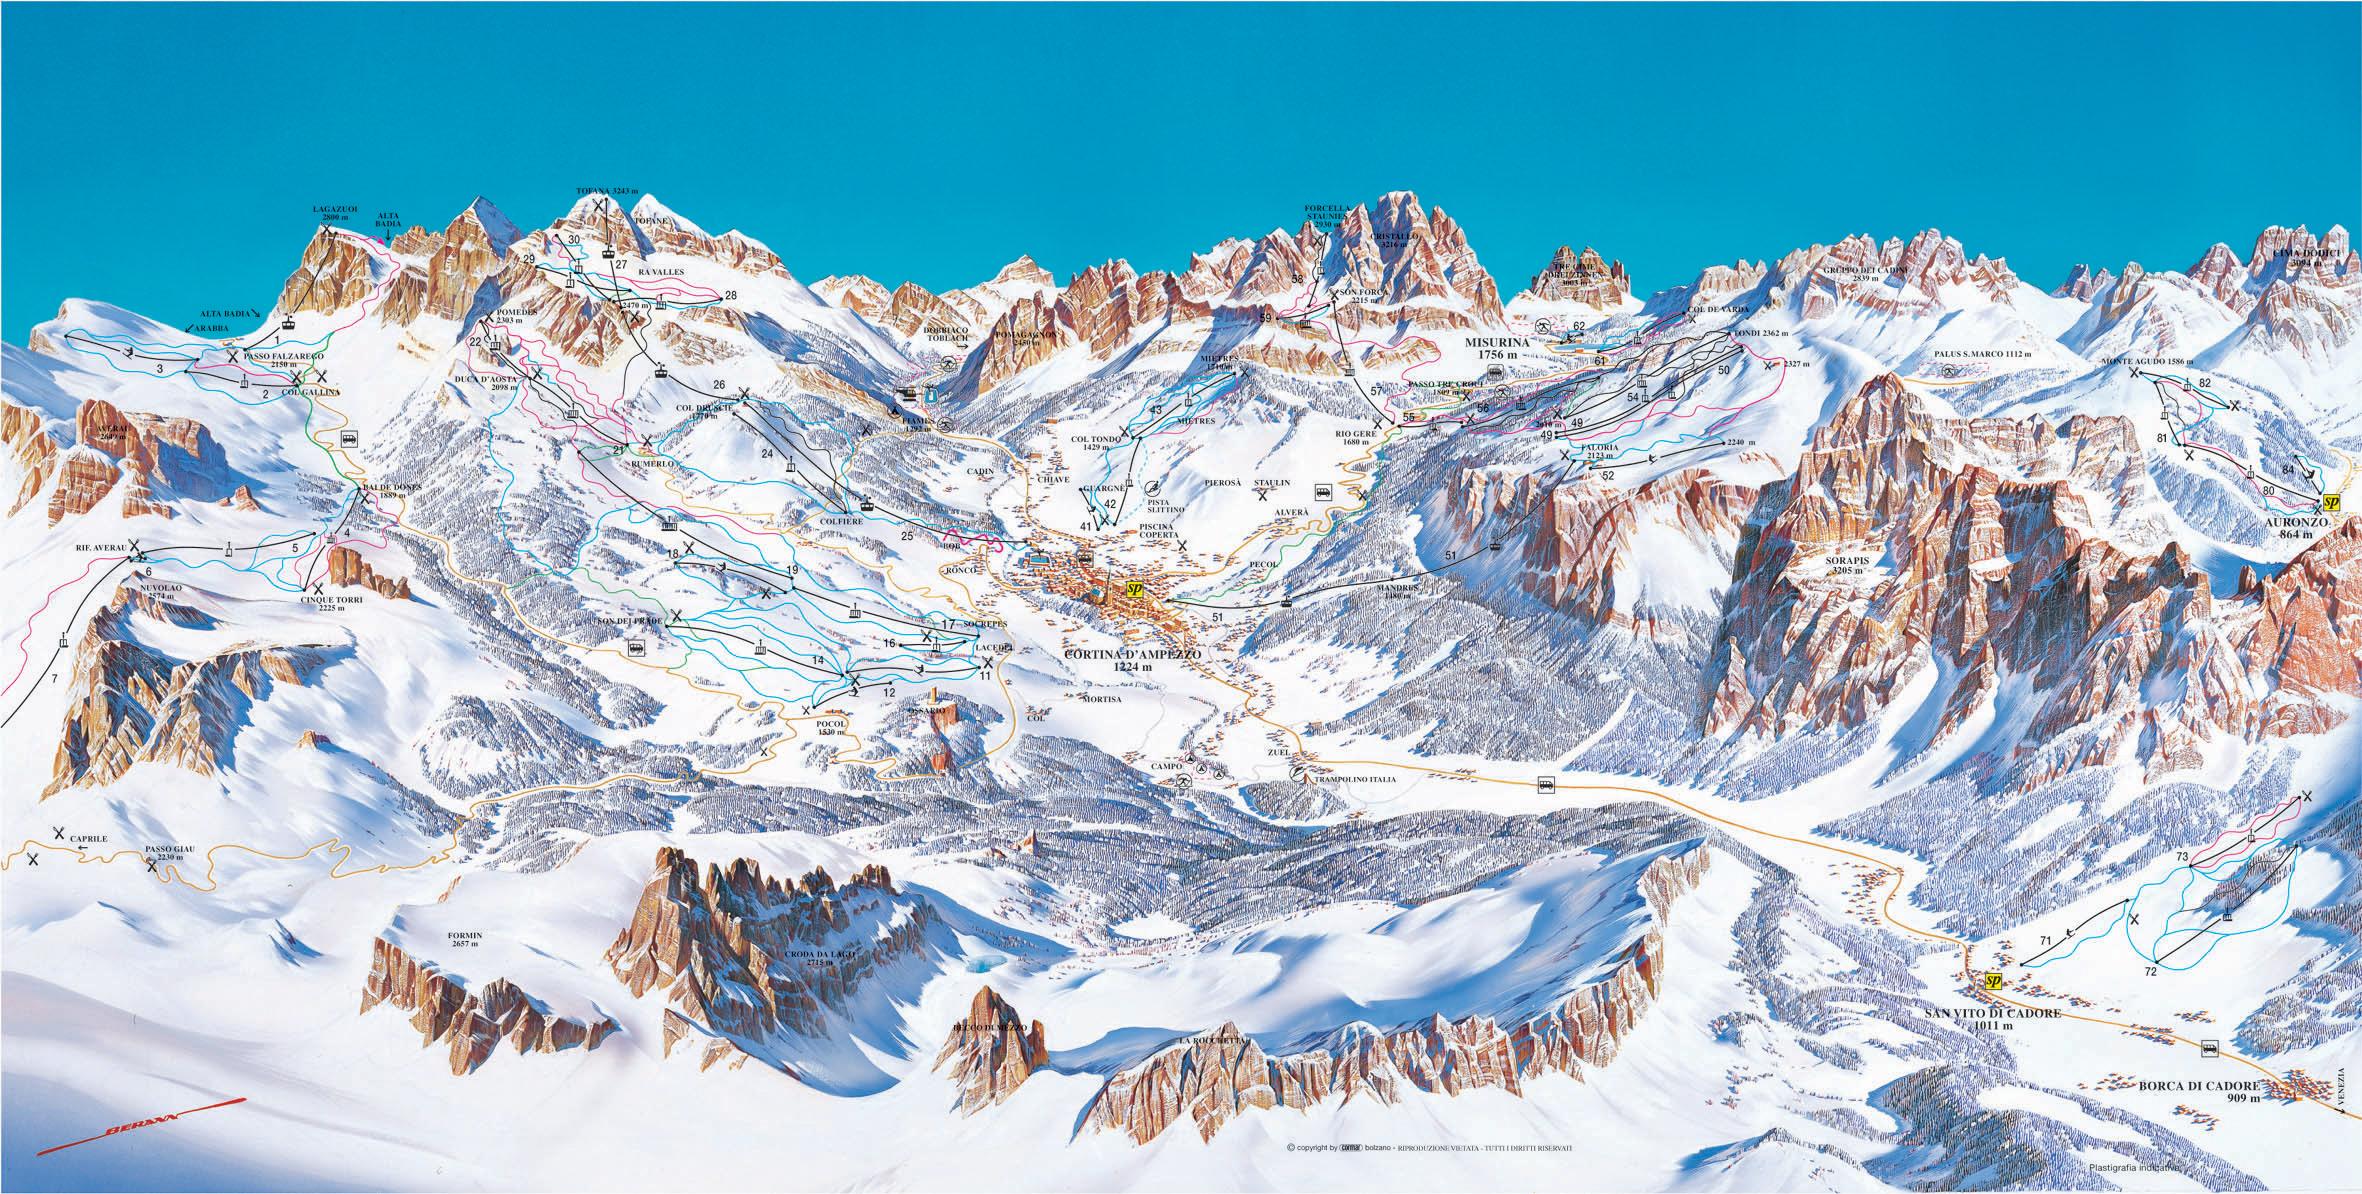 Cortina d Ampezzo Italy Skiing Italy Italian ski resorts